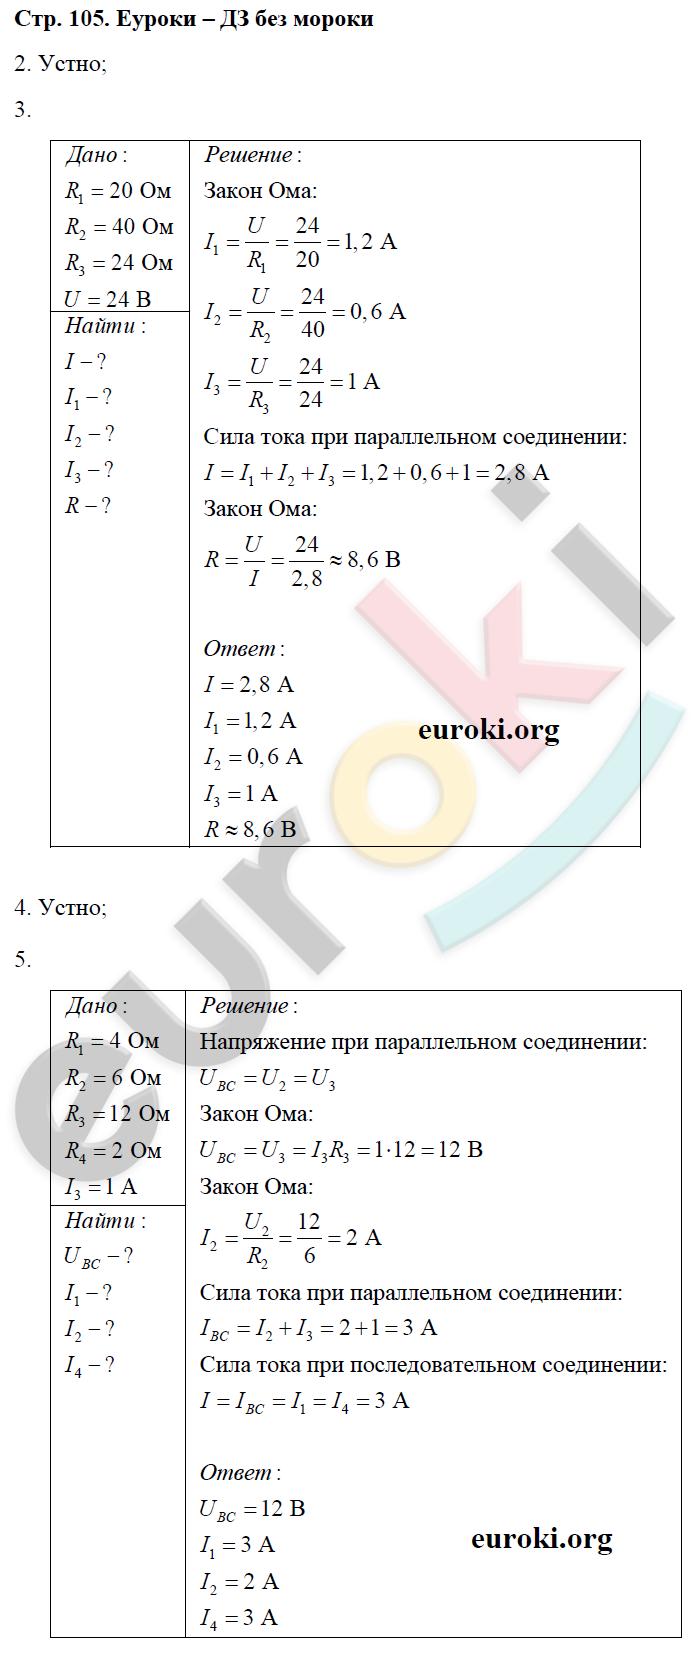 ГДЗ по физике 8 класс рабочая тетрадь Перышкин. Задание: стр. 105